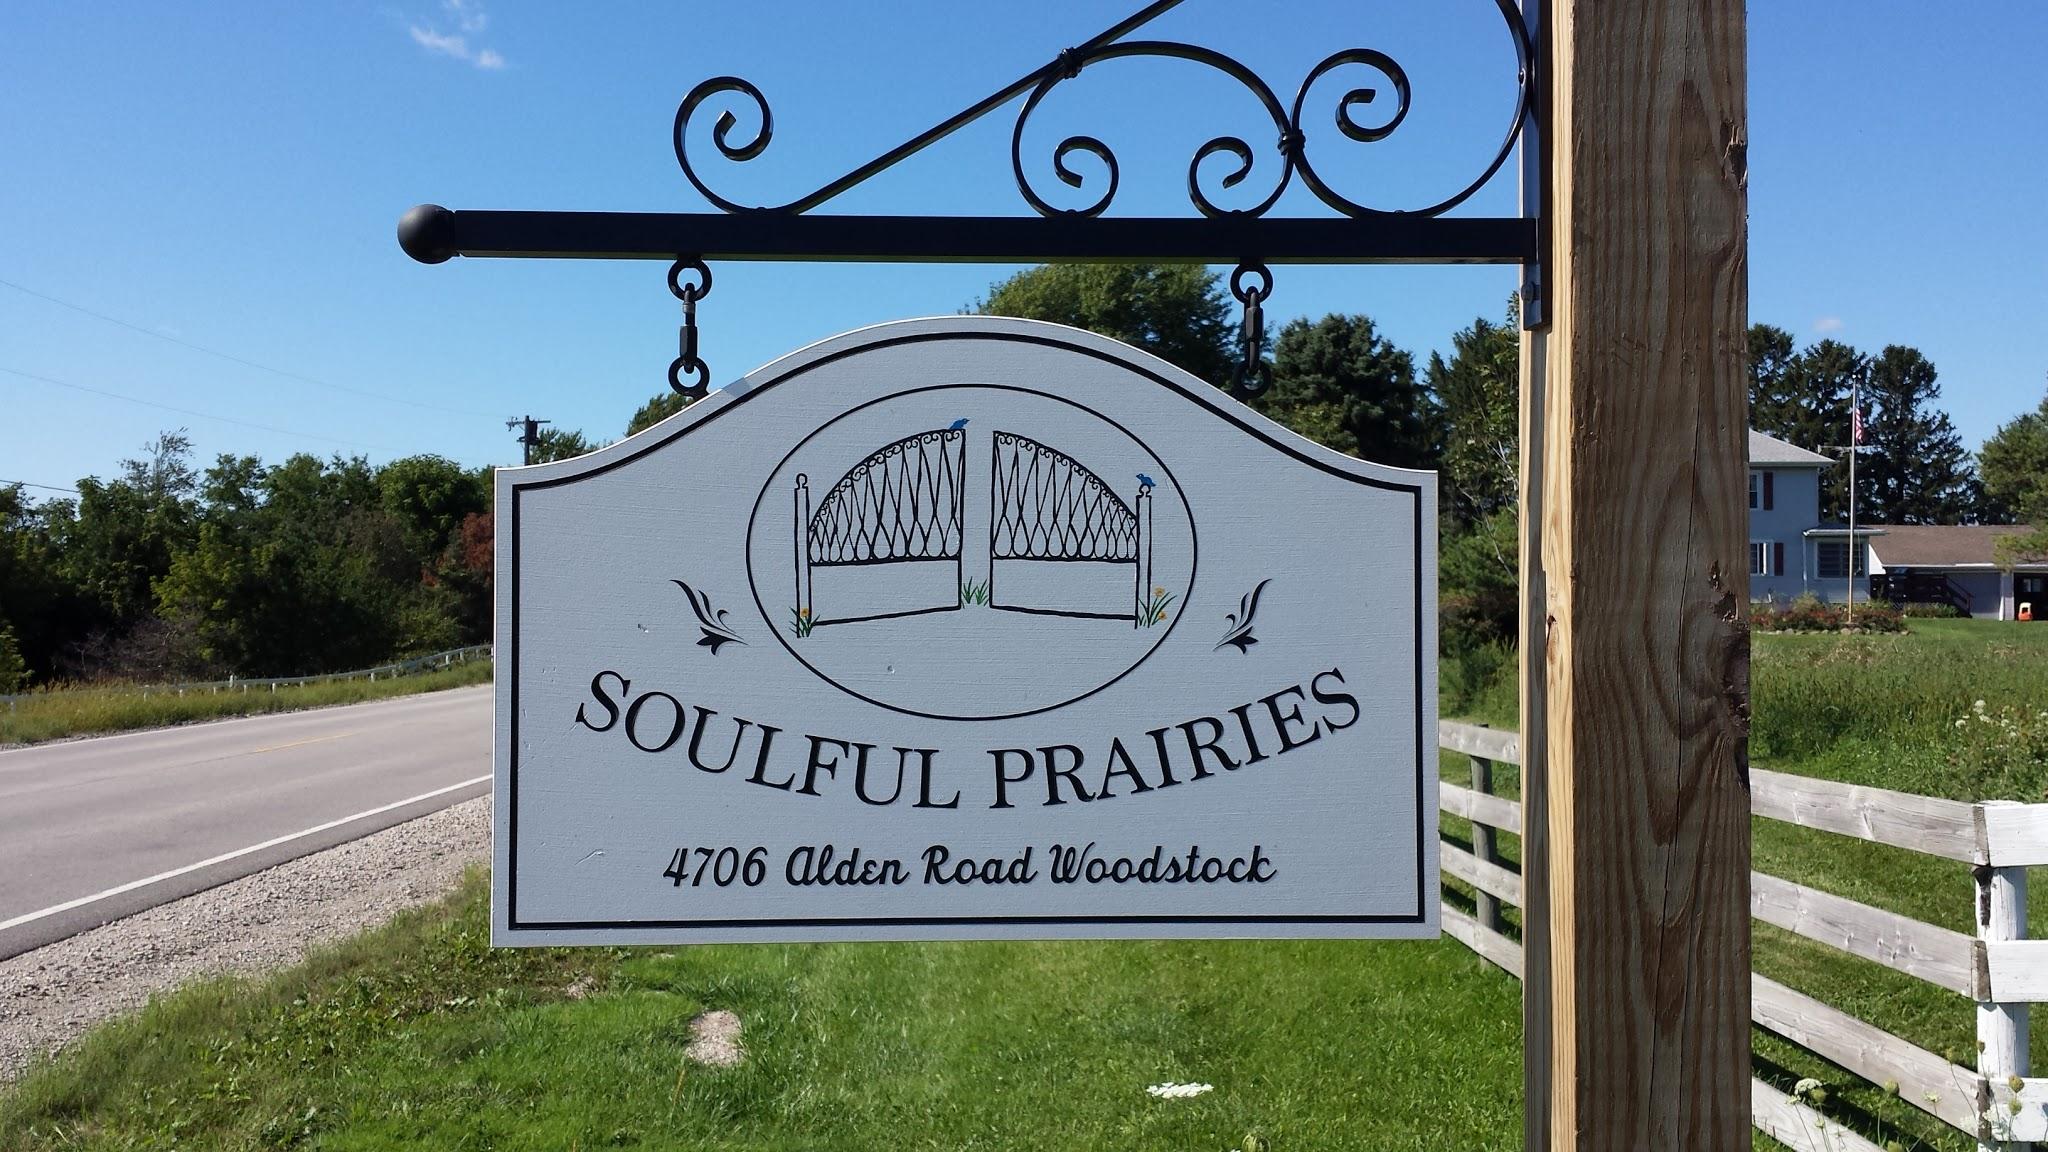 SoulfulPrairies.jpg